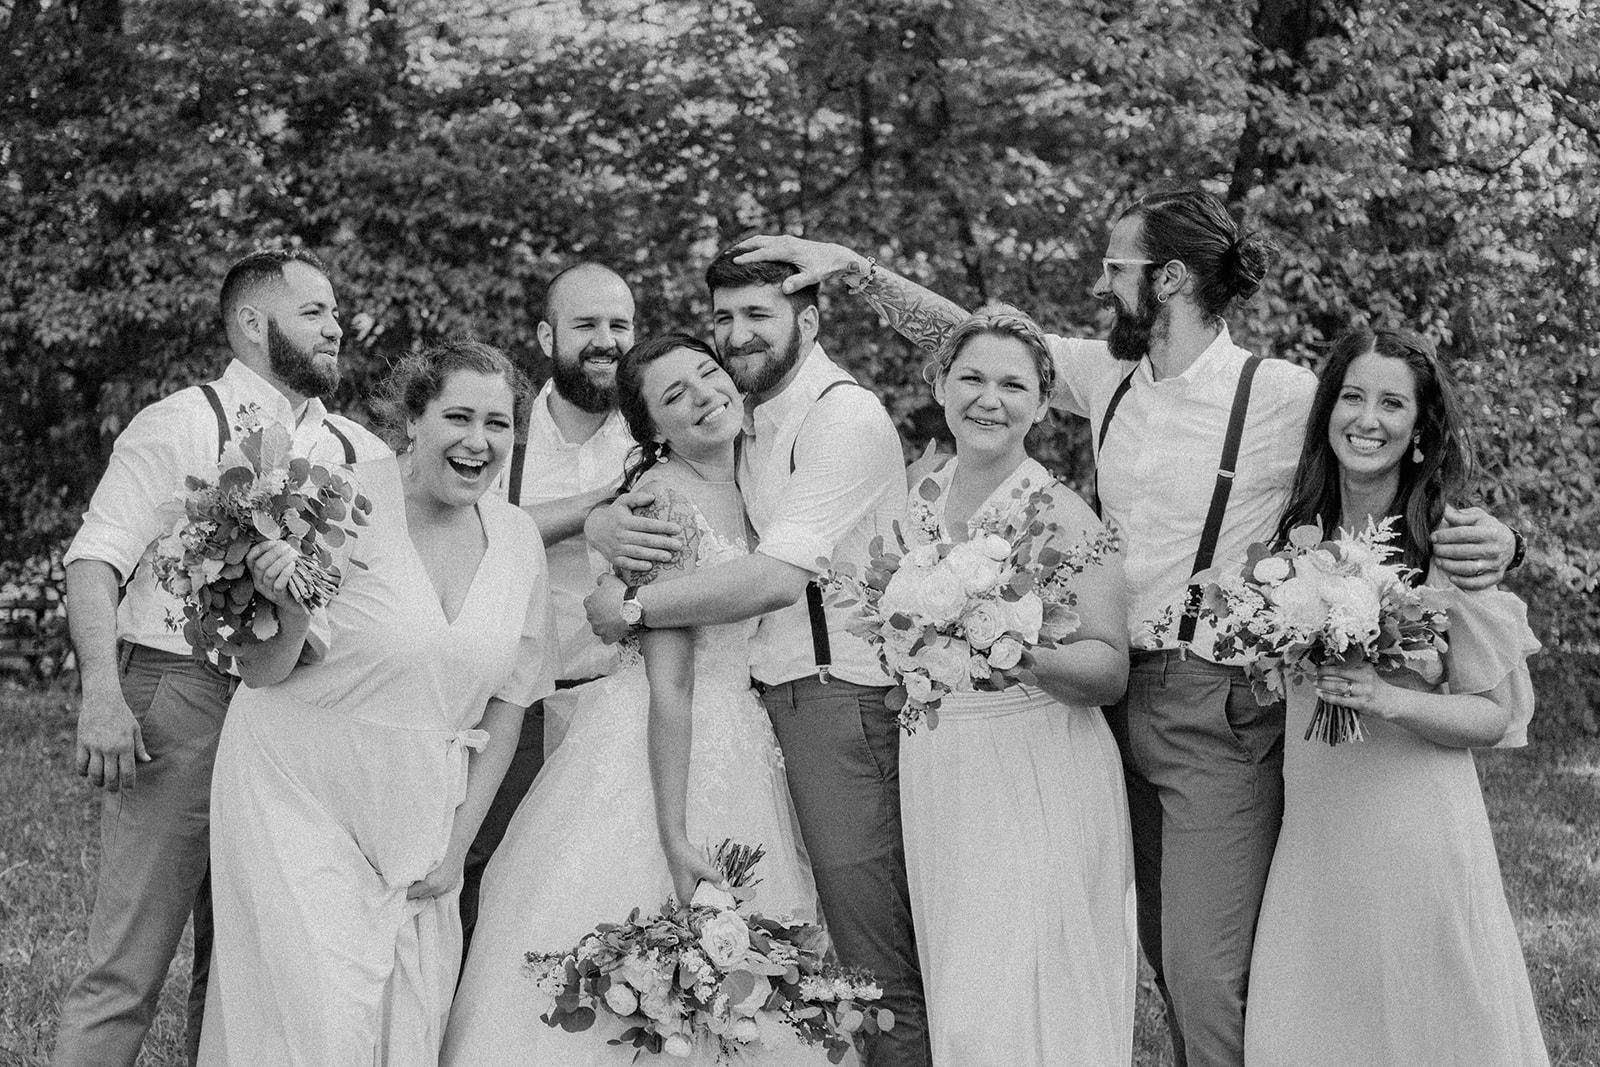 backyard wedding bridal party funny portraits best Pennsylvania wedding photographer